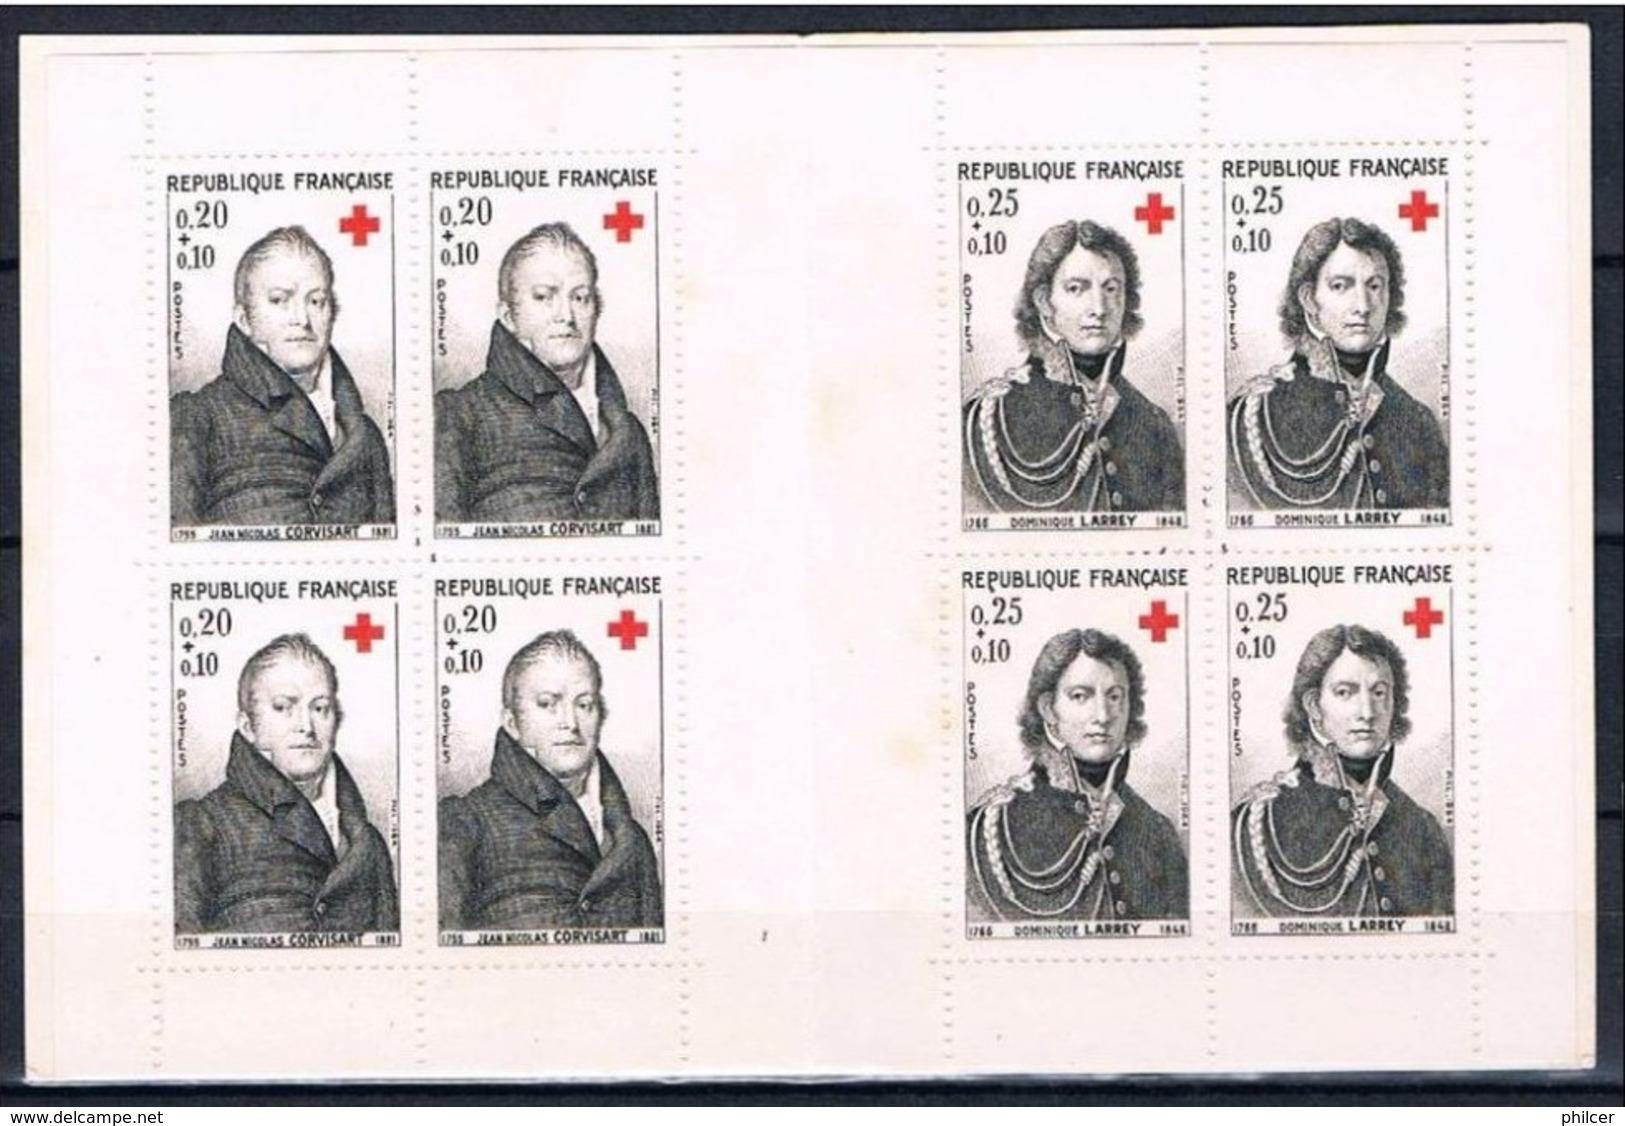 Republique Française, 1946, Croix Rouge Française - Brasil